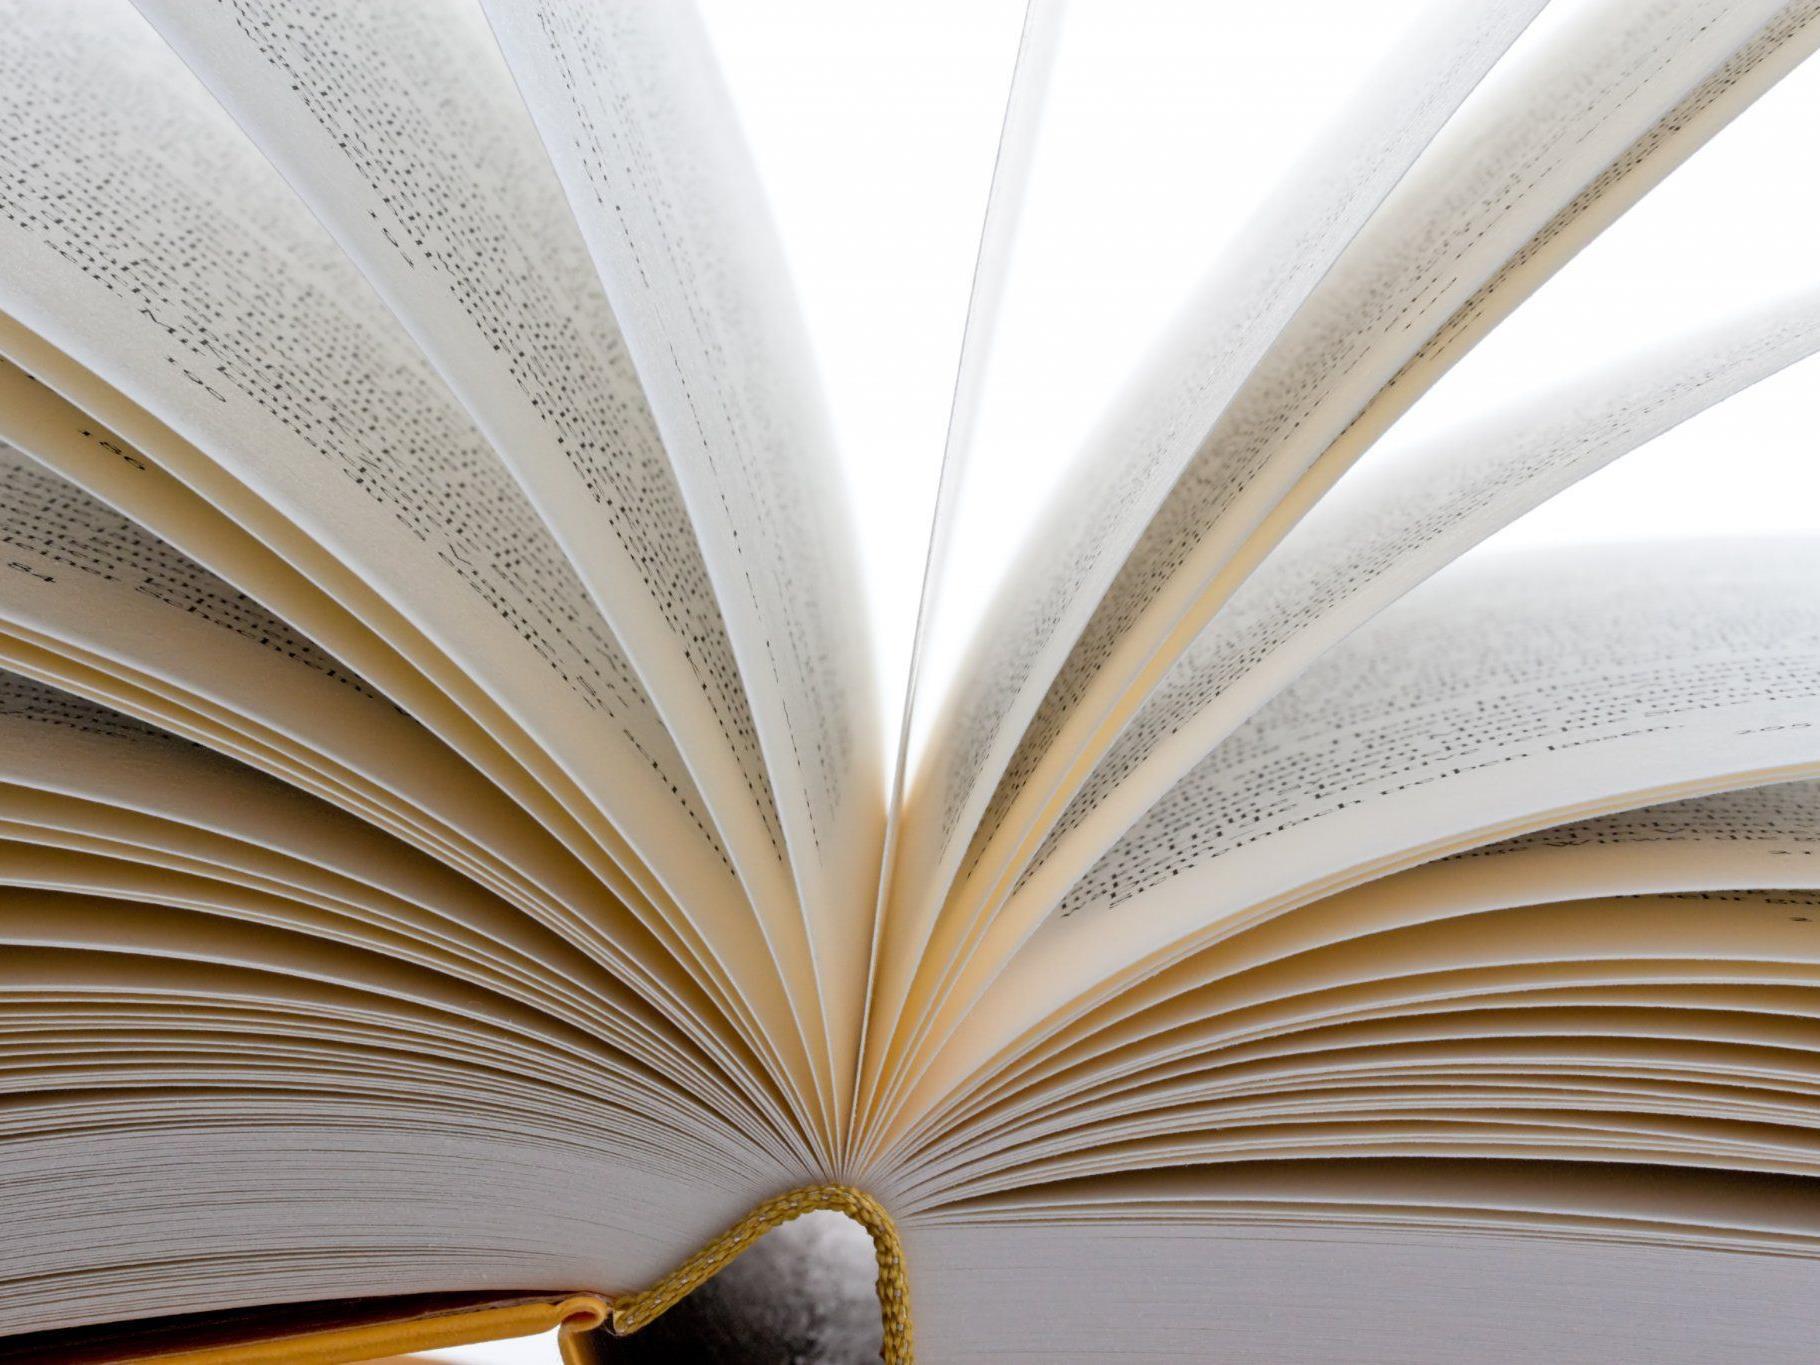 Der französische Autor Patrick Modiano erhält die mit 25.000 Euro dotierte Auszeichnung.